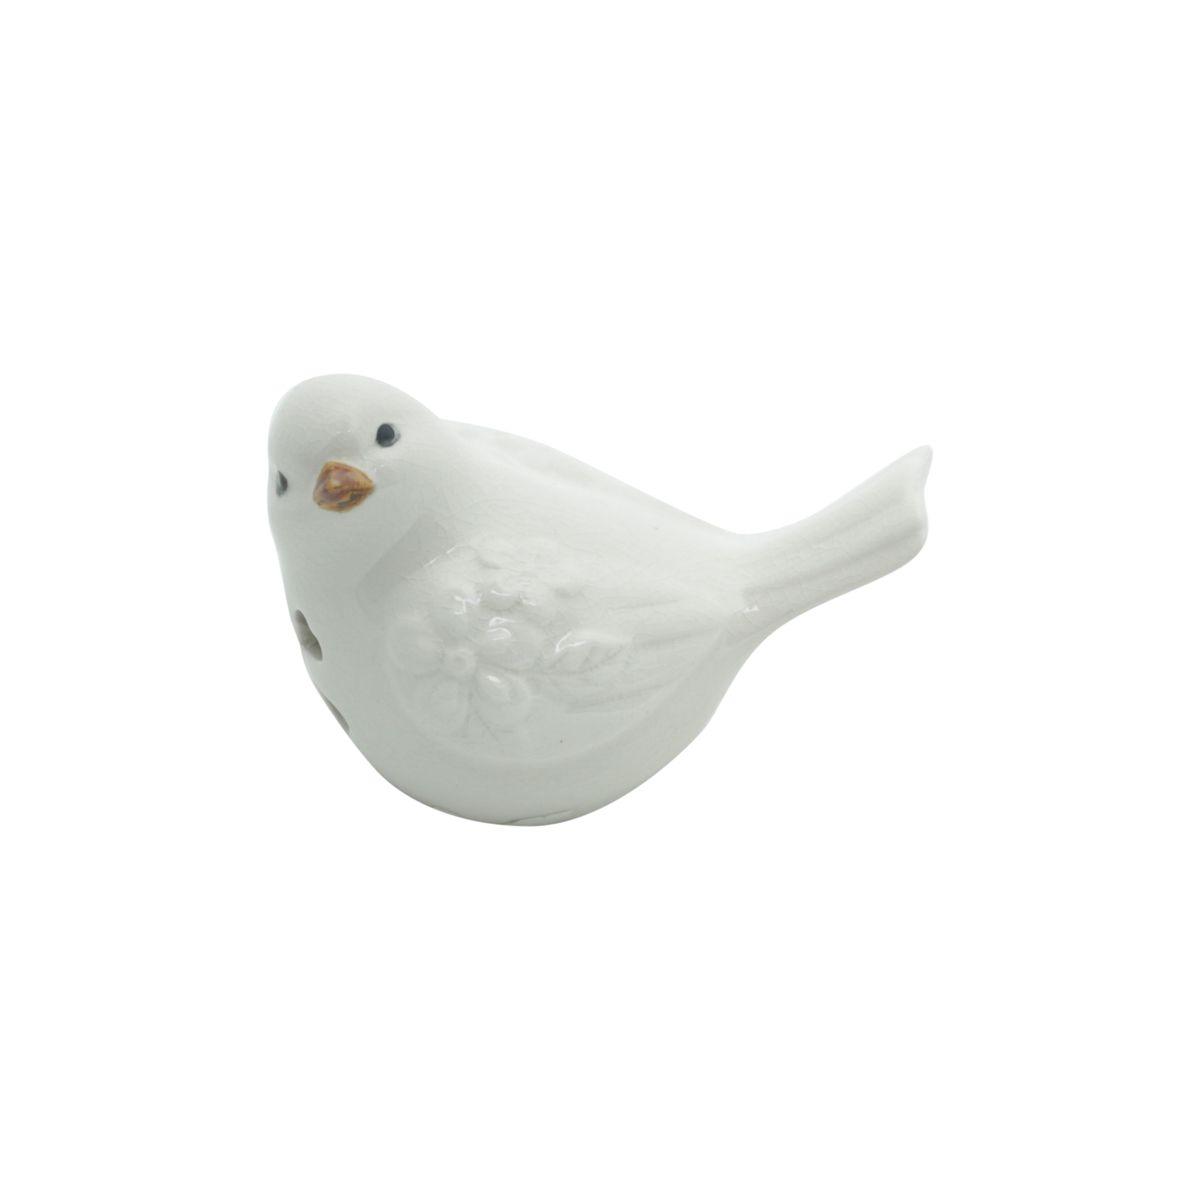 Pássaro decorativo 10 x 6,5 cm de cerâmica branca Peace Lyor - L4179